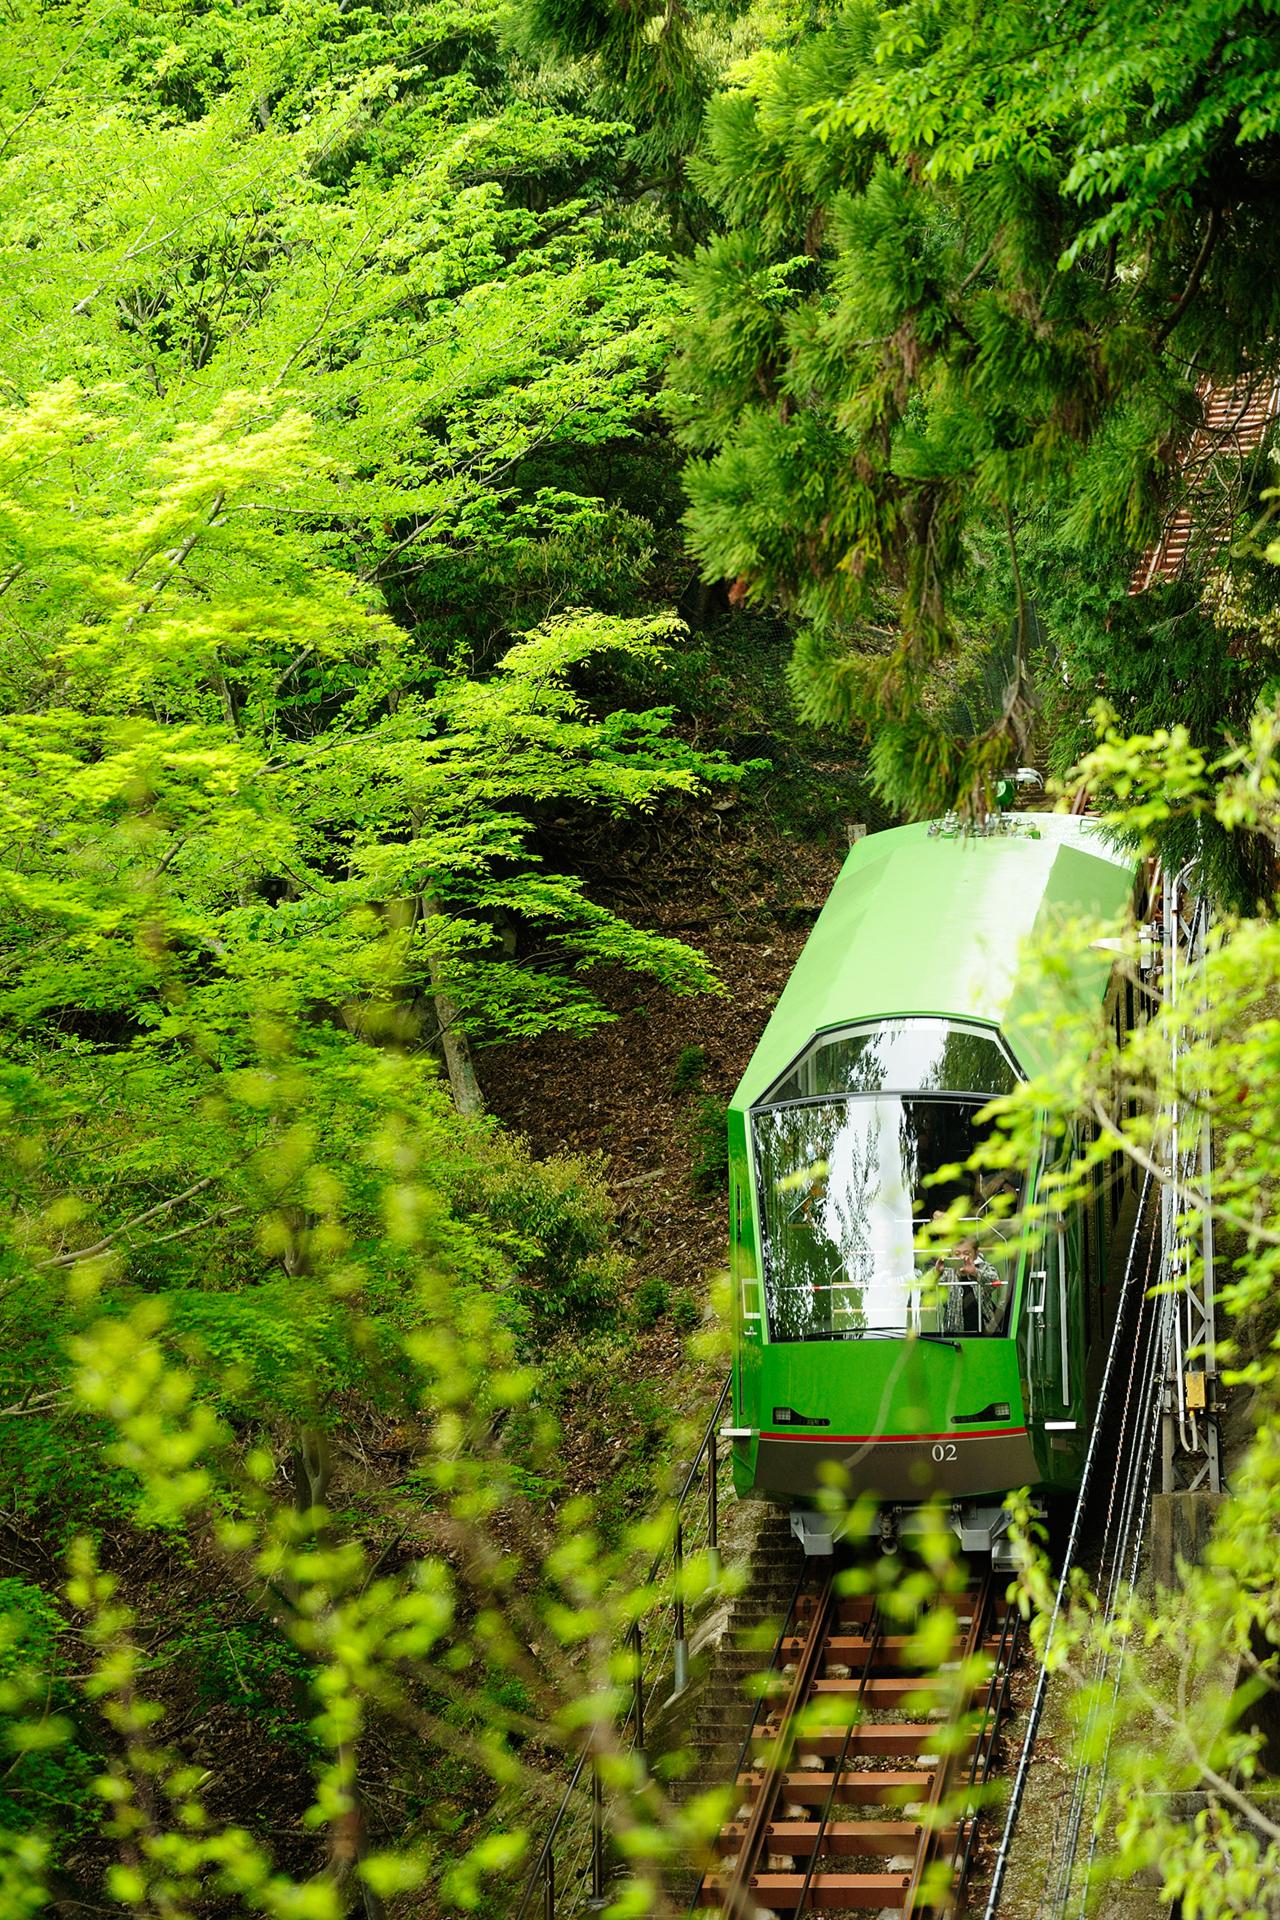 21-1 ビギナーにもおすすめ!日帰りでも楽しめる関東の絶景登山・ハイキングスポット10選